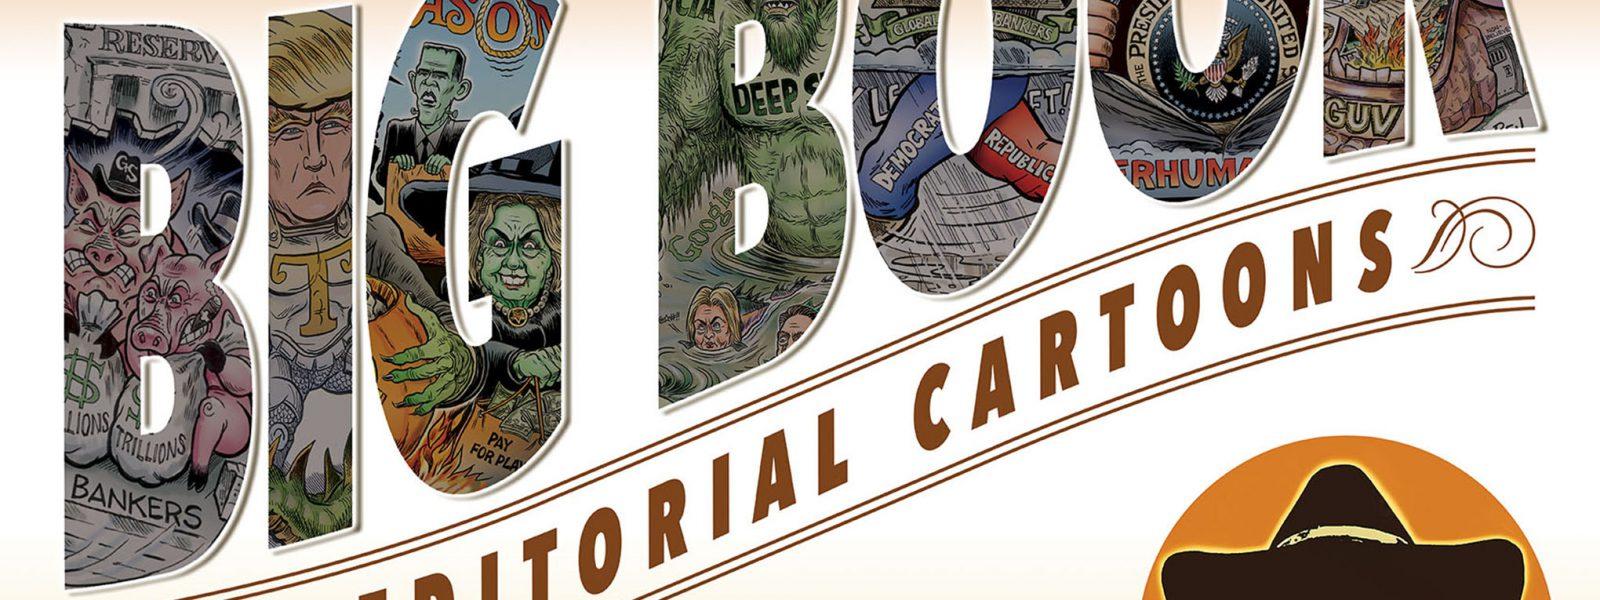 Presenting Ben Garrison's Big Book Of Cartoons